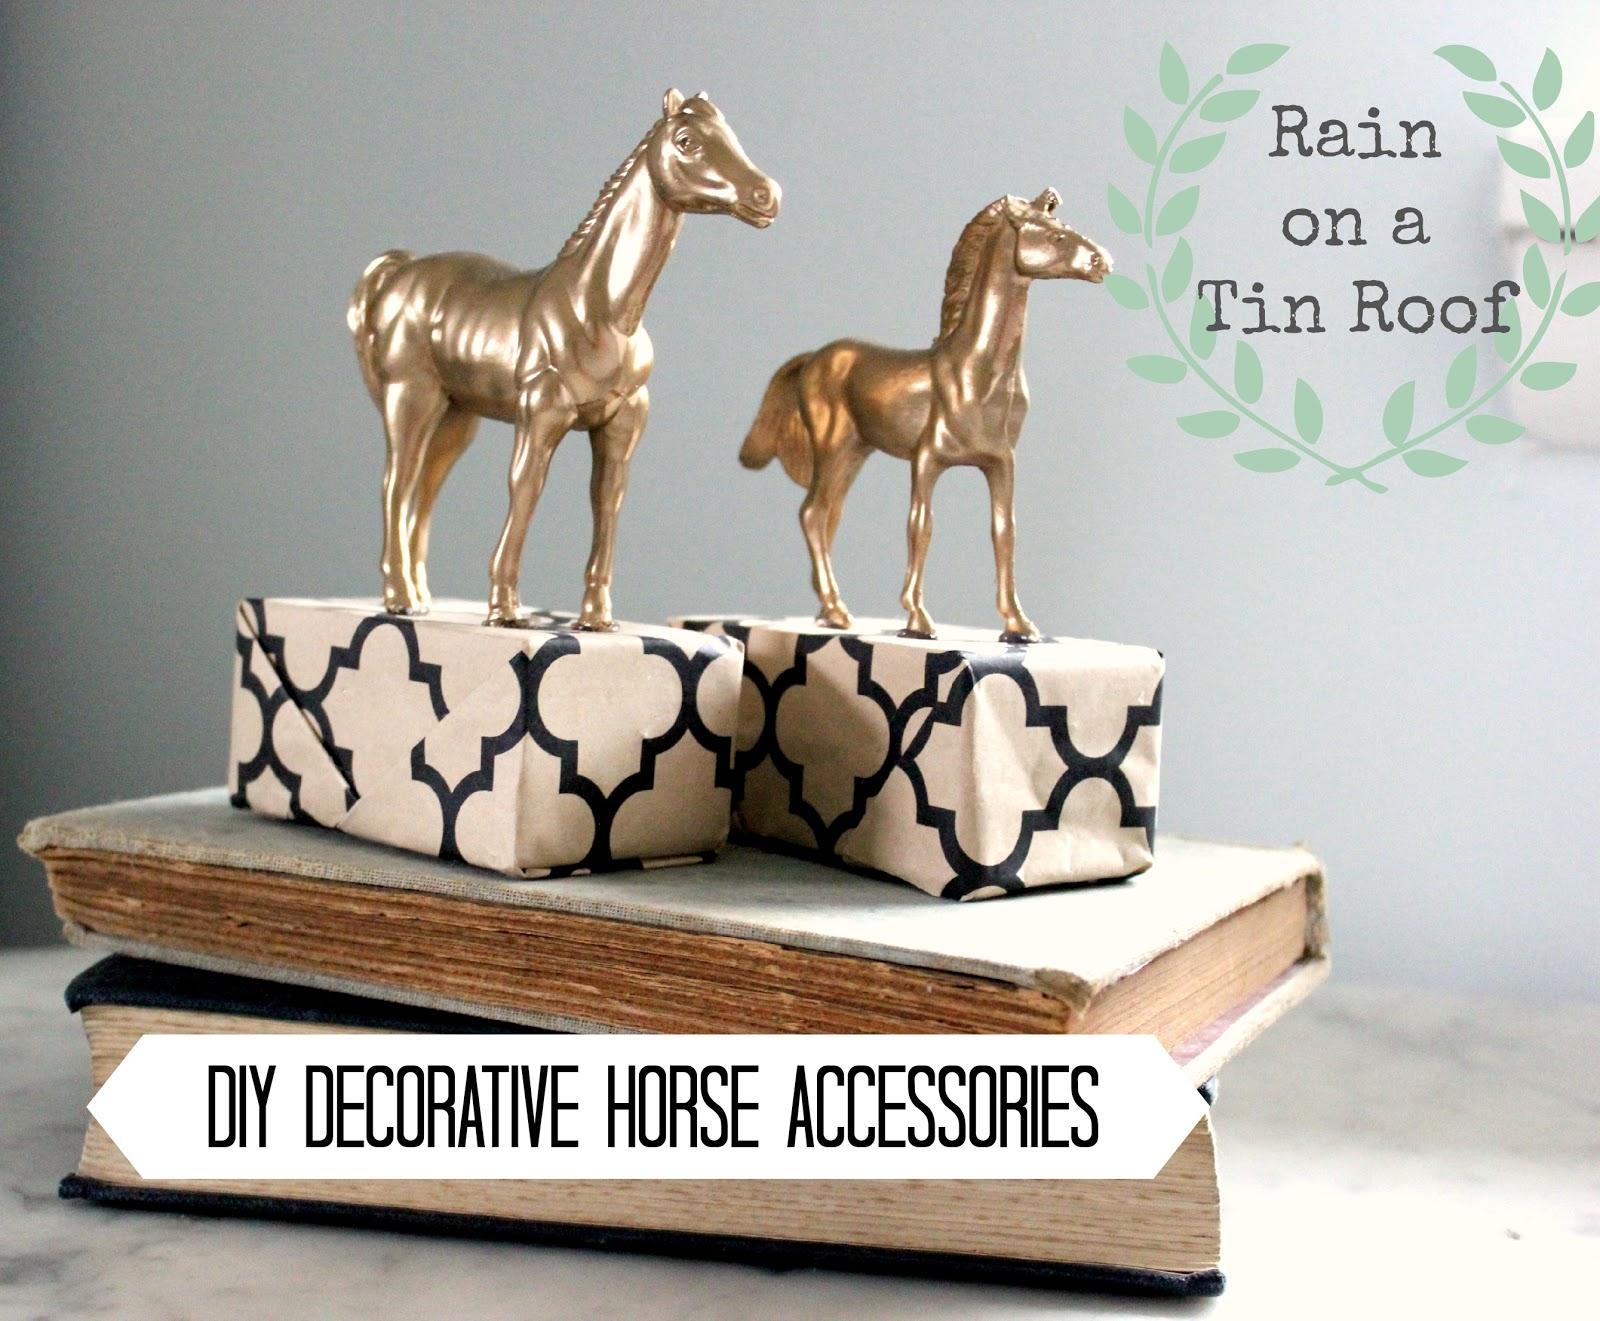 DIY Decorative Horse Accessories {rainonatinroof.com} #DIY #horse  #accessories #